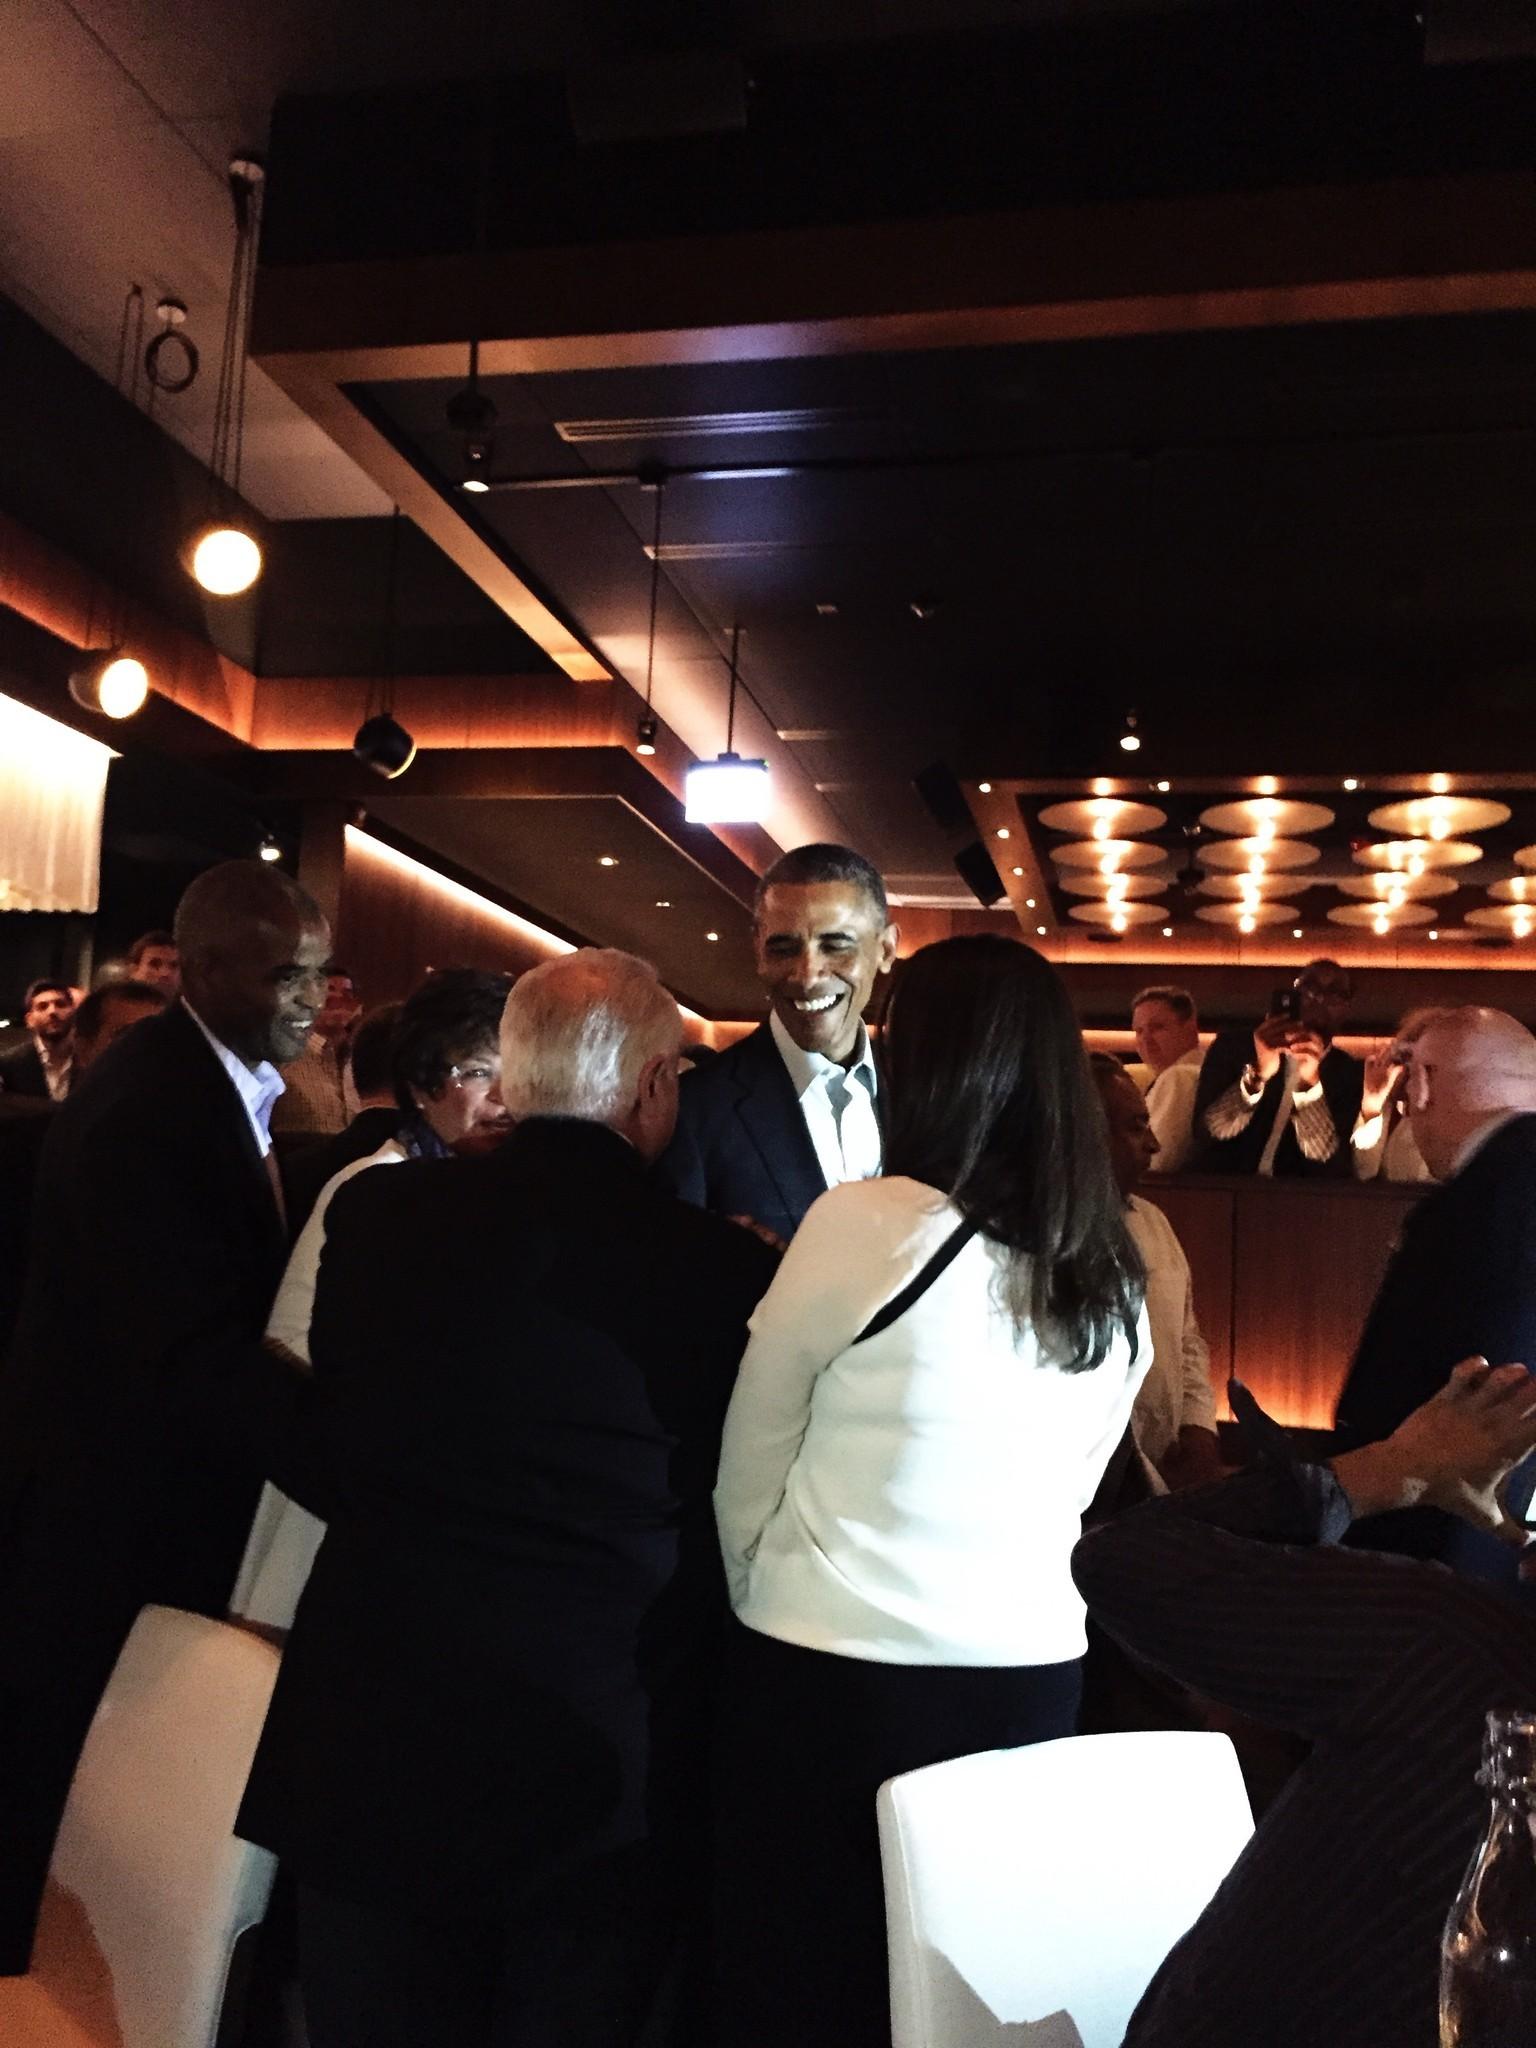 Obama Chicago area fundraiser speech - Chicago Tribune